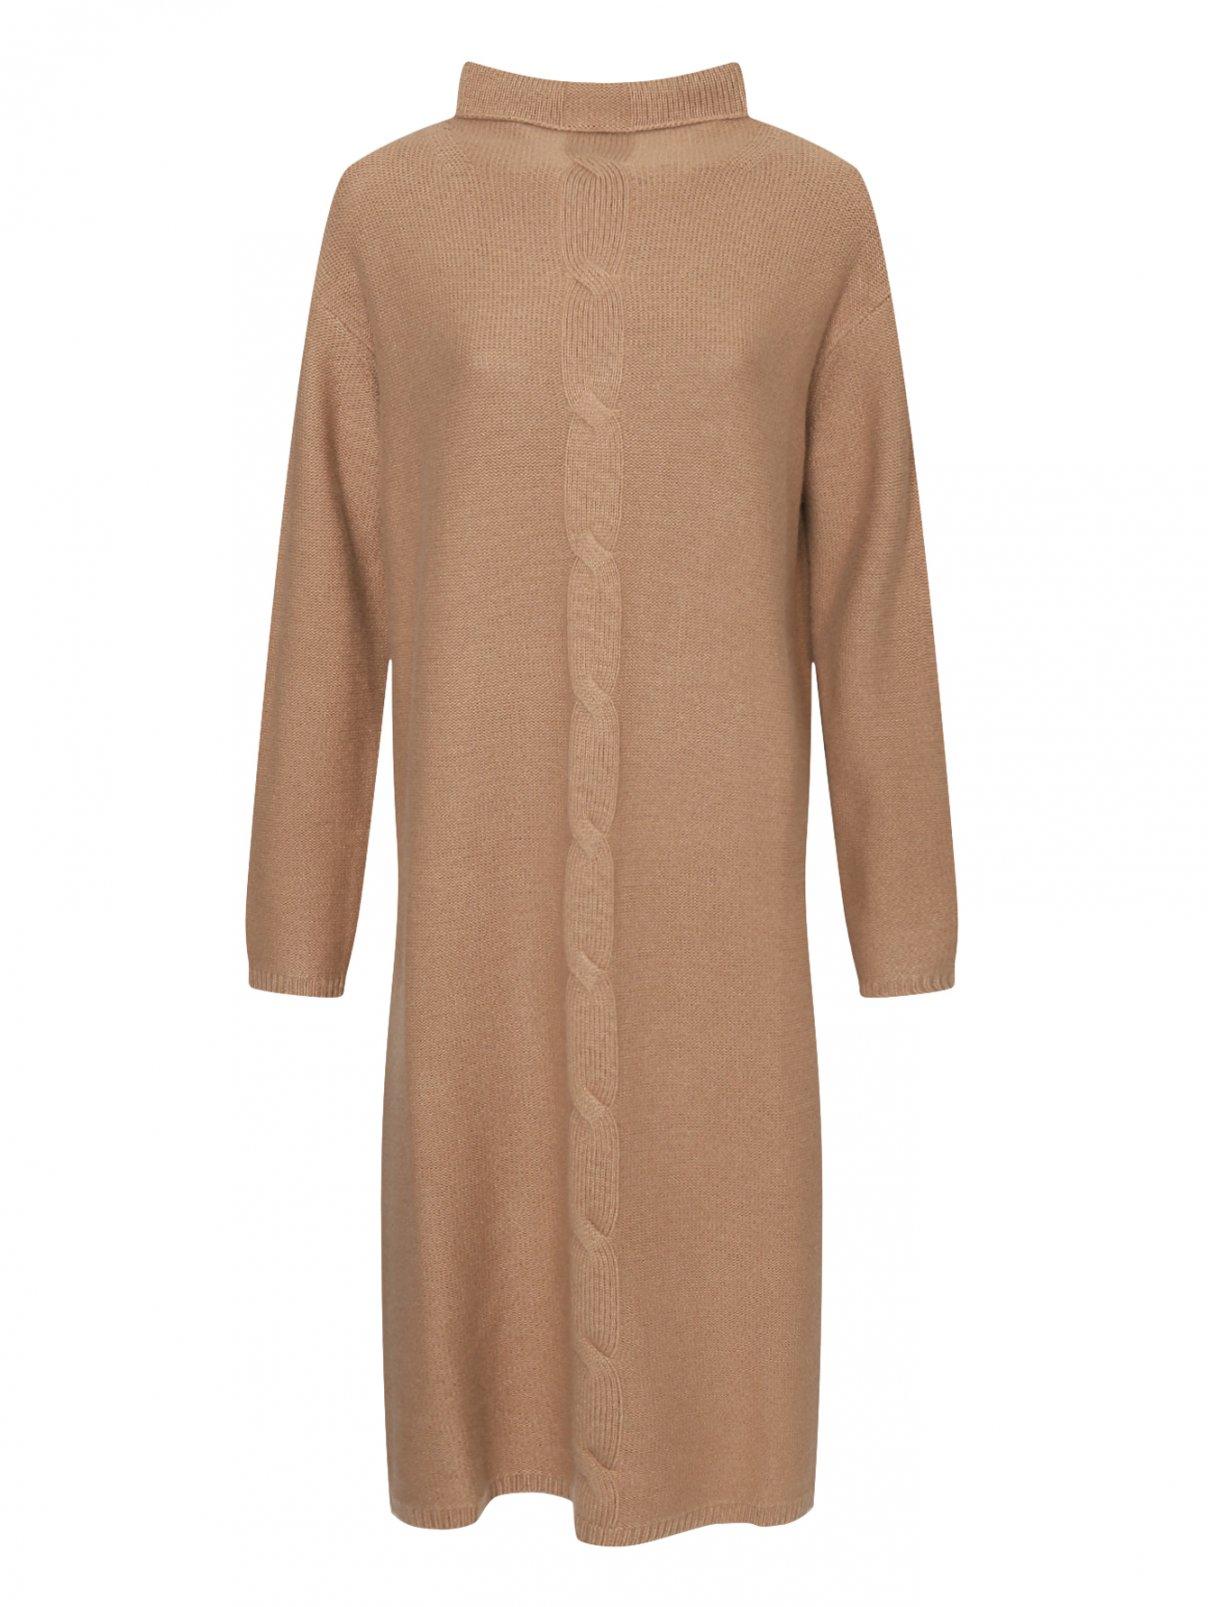 Трикотажное платье из шерсти и кашемира Max Mara  –  Общий вид